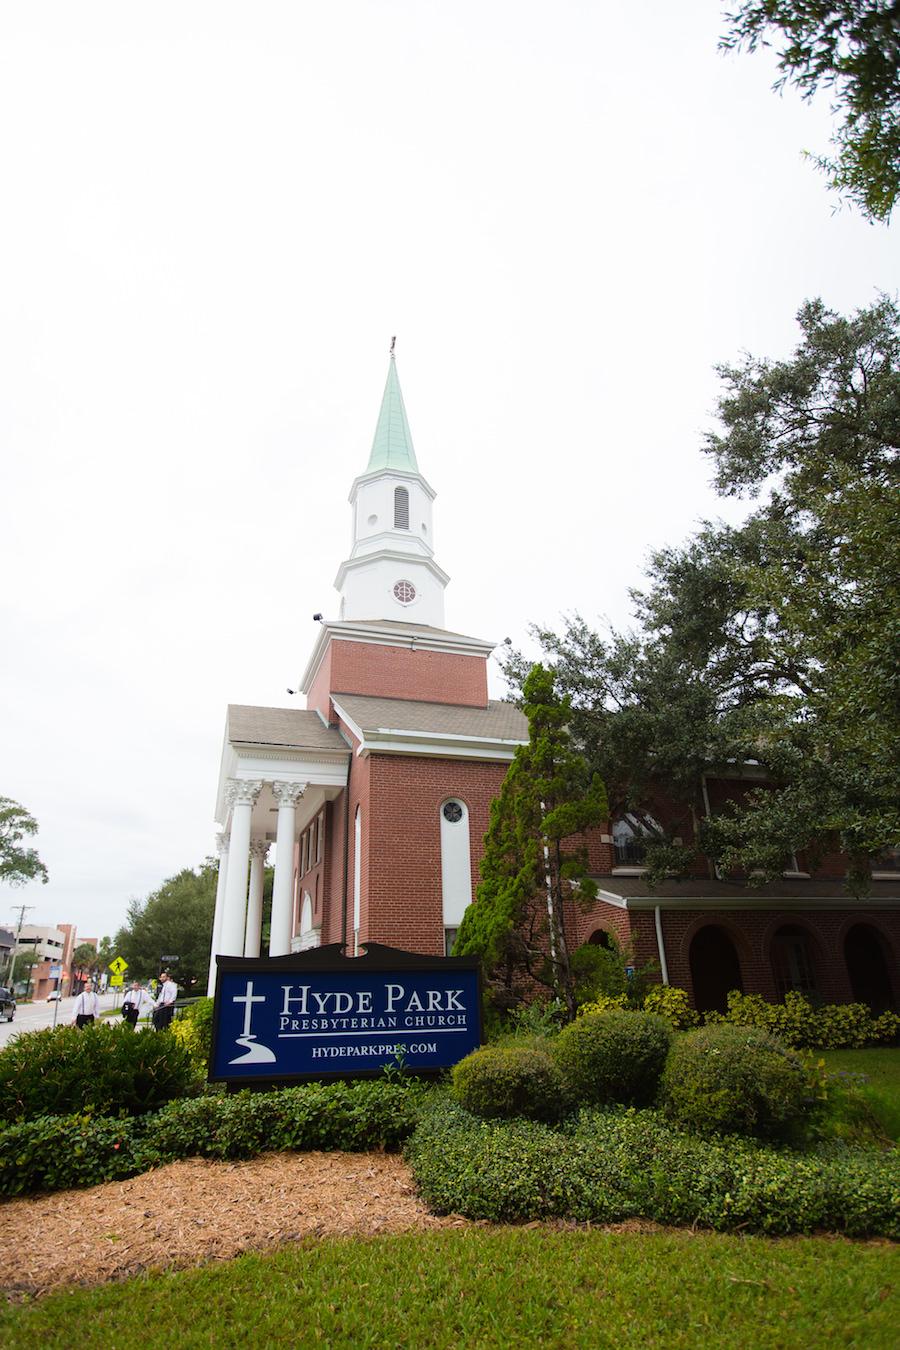 Tampa Wedding Ceremony Venue Hyde Park Presbyterian Church